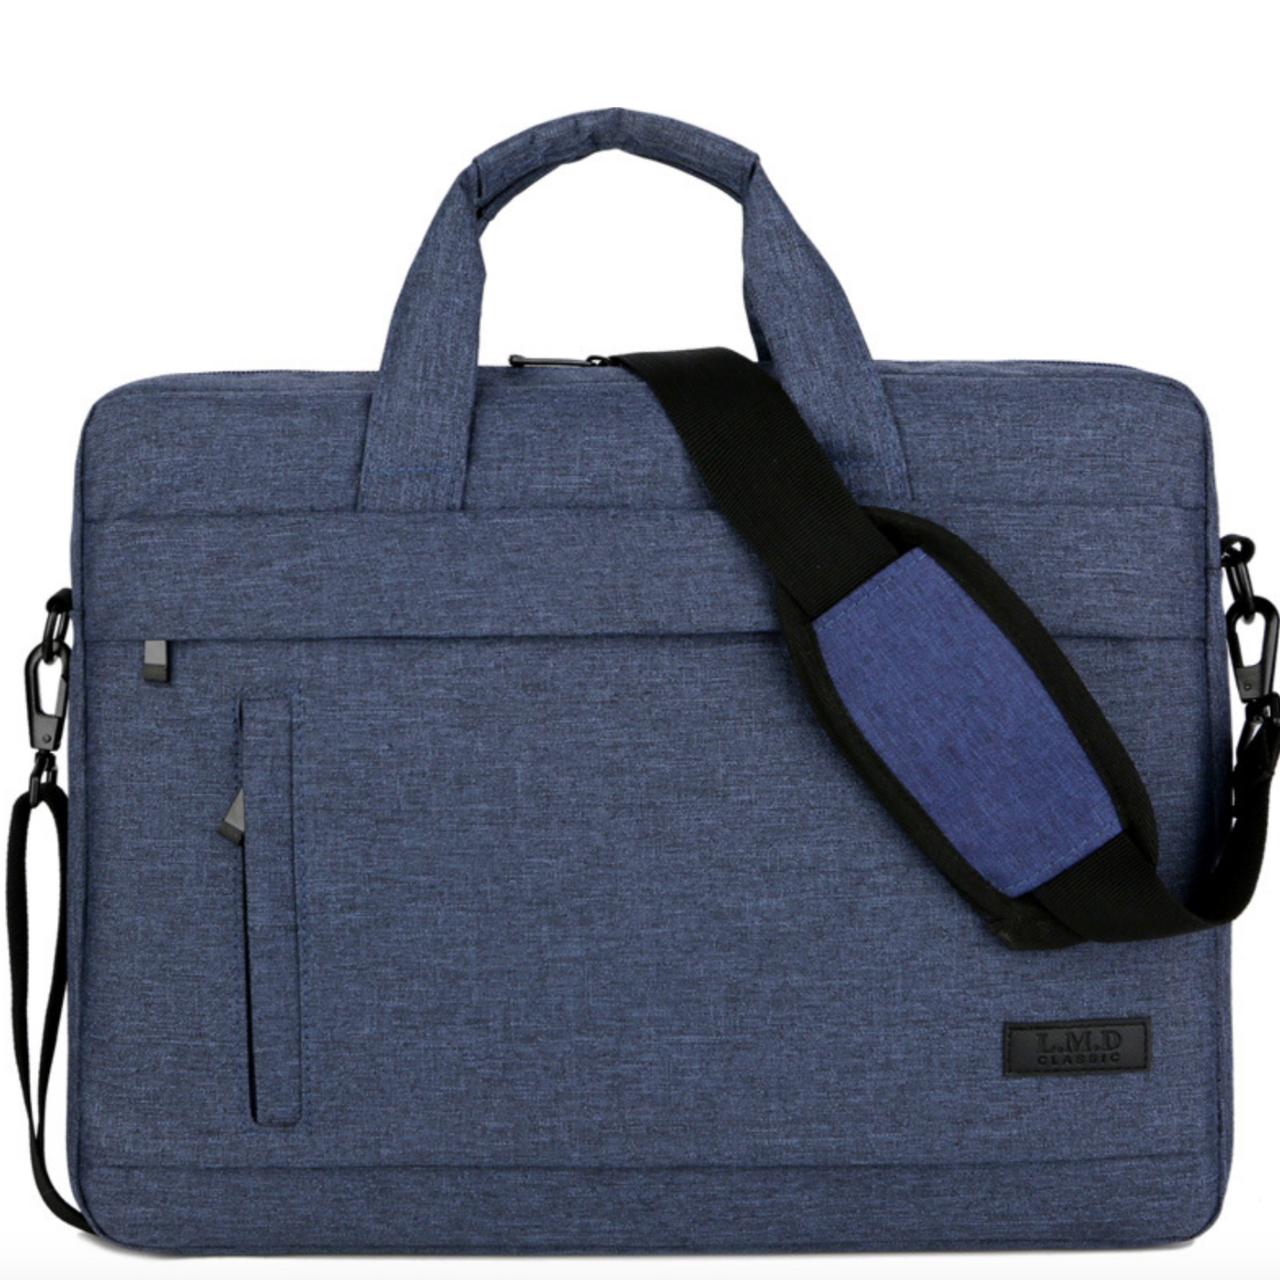 2ebf47c2d3f1 Портфель- сумка для ноутбука 15.6'' и документов через плечо СИНЯЯ, чехол,